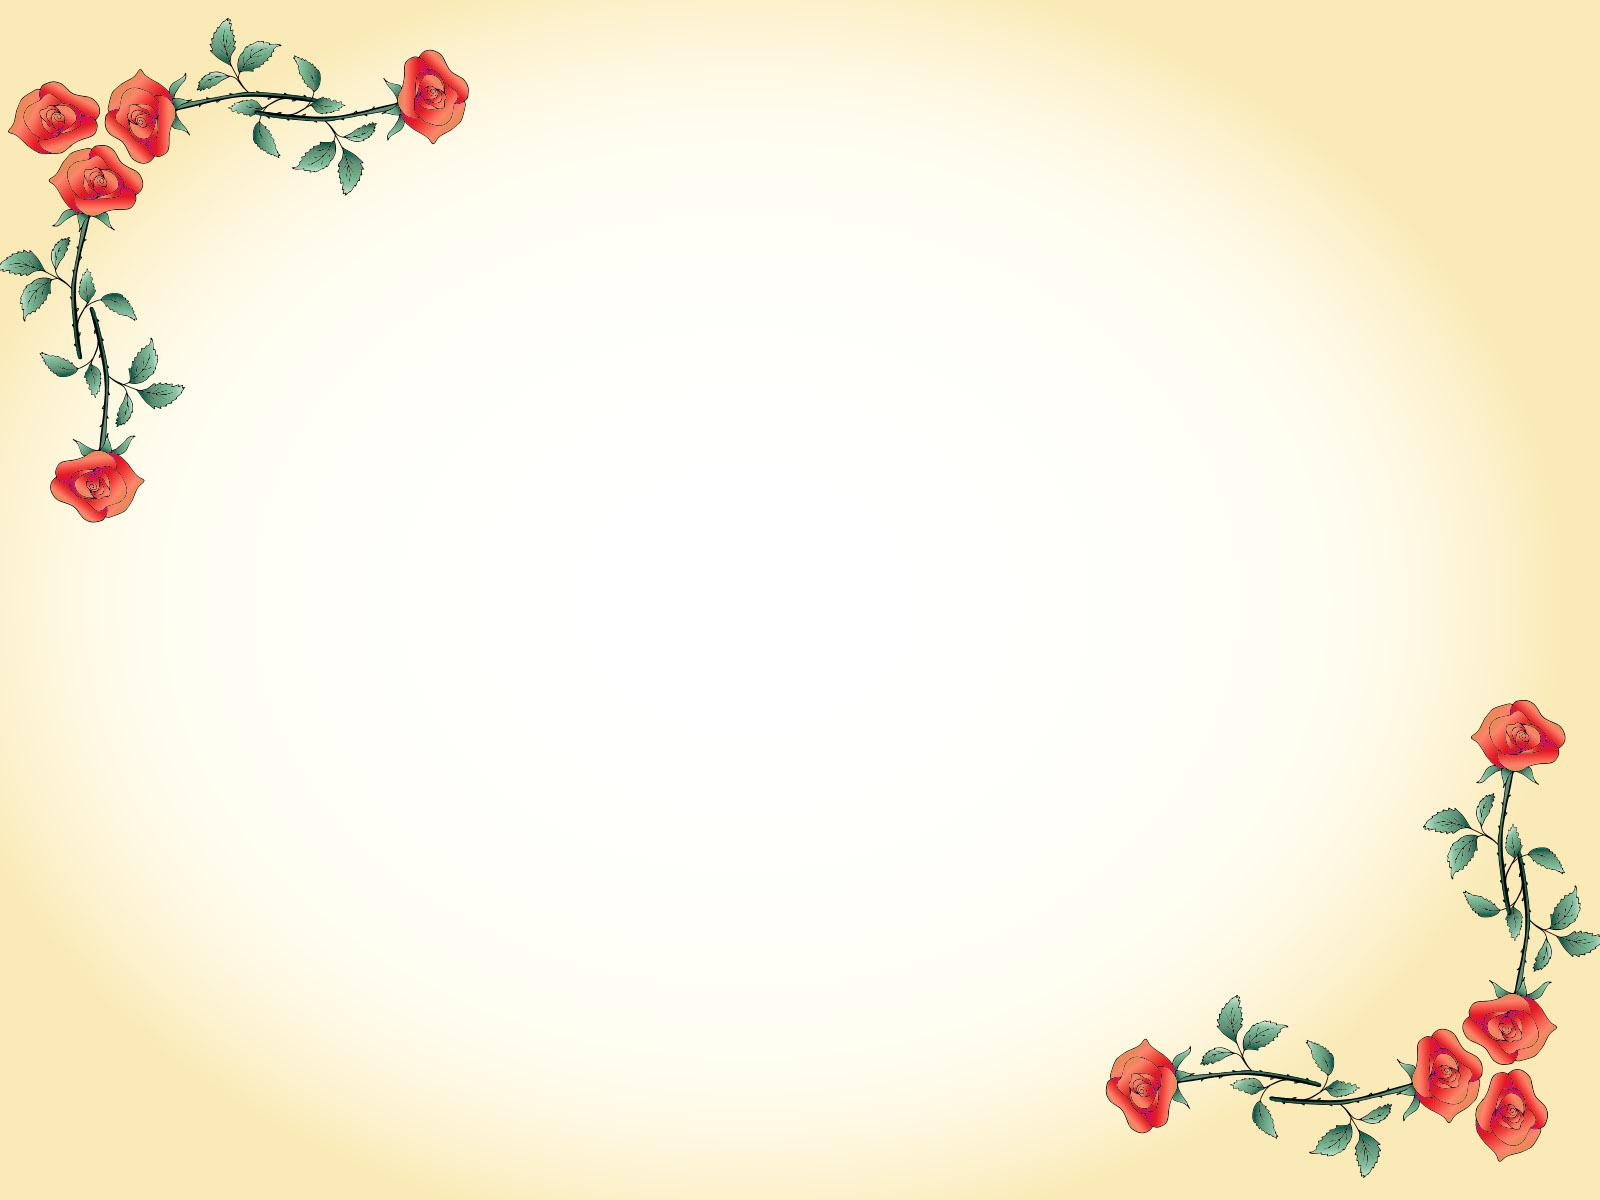 Hình nền PowerPoint những cành hồng trang trí đơn giản